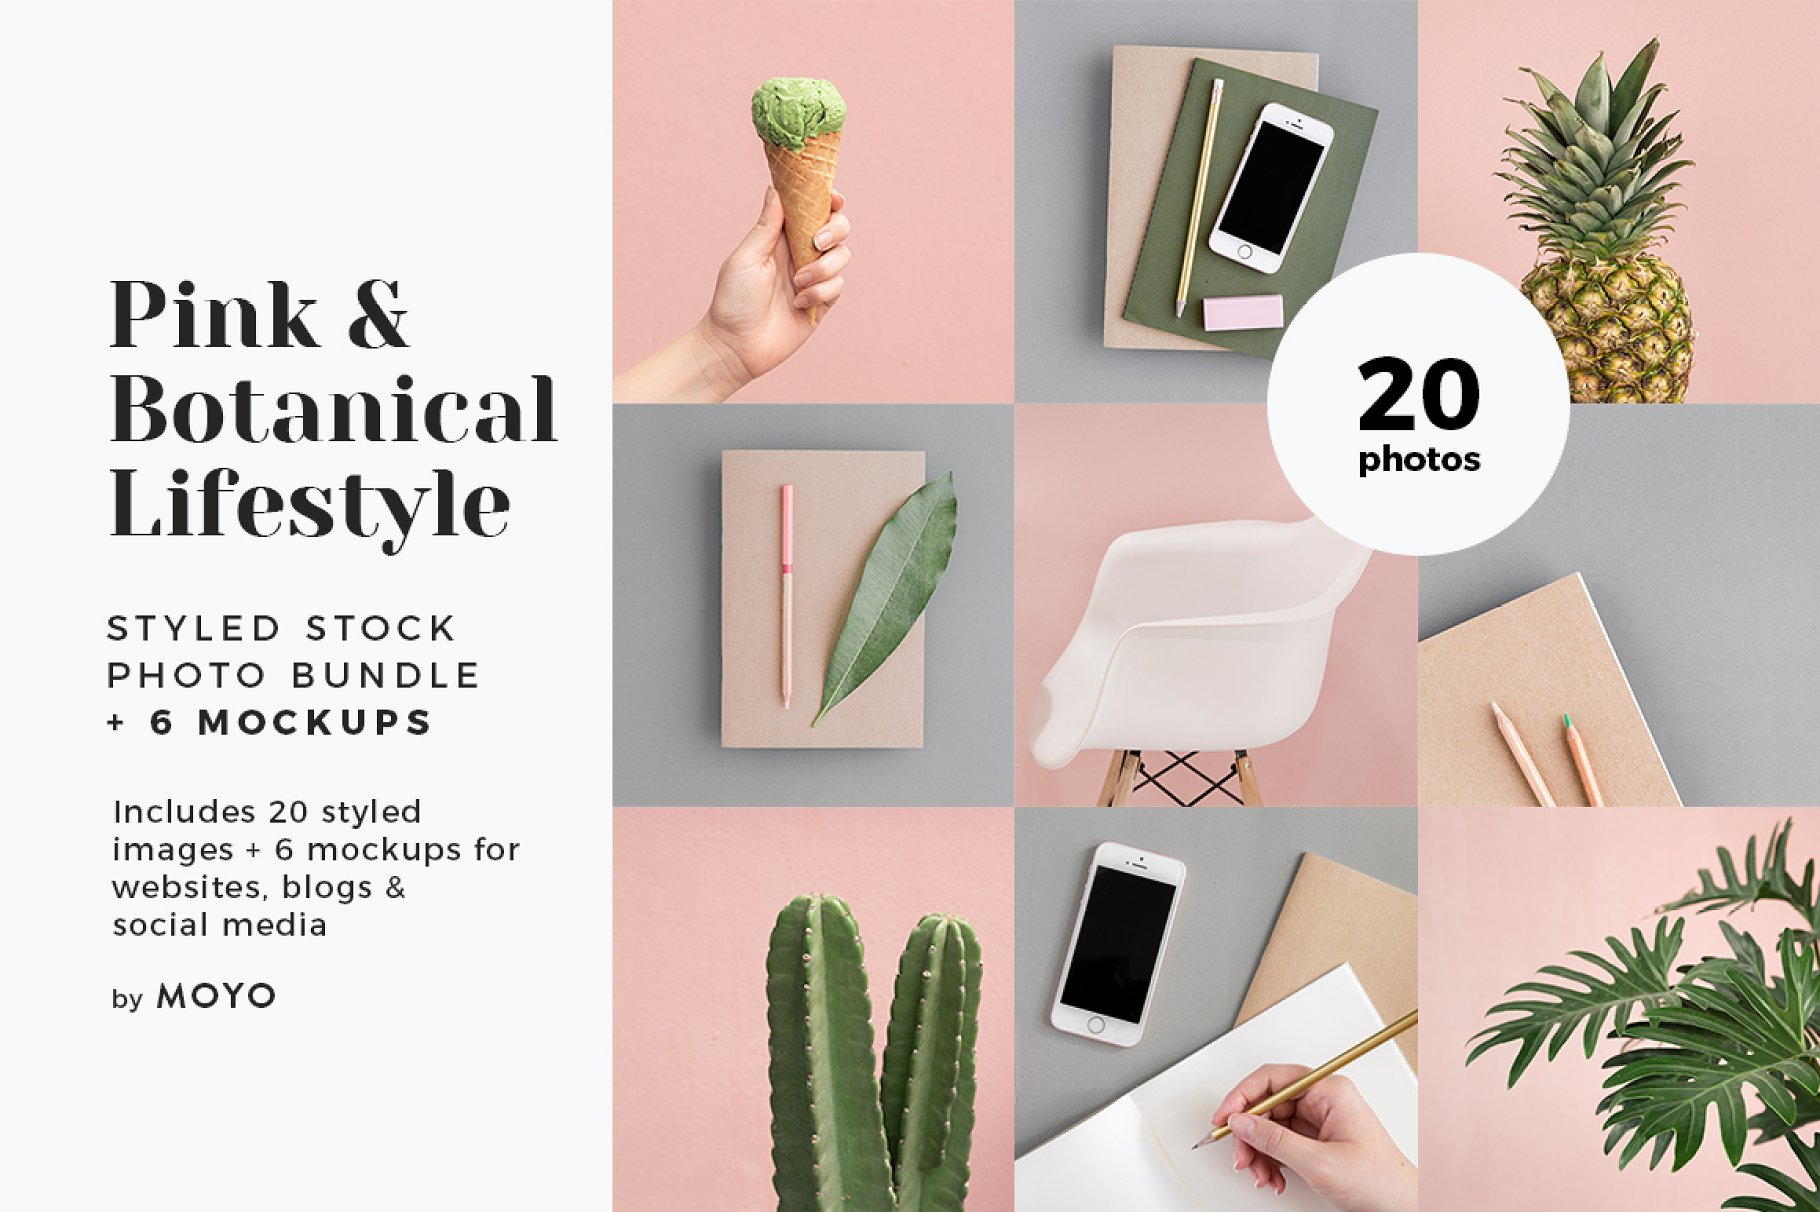 粉色柔和自适应网站界面设计苹果设备屏幕演示样机 Pink & Botanical Stock Photo Bundle插图